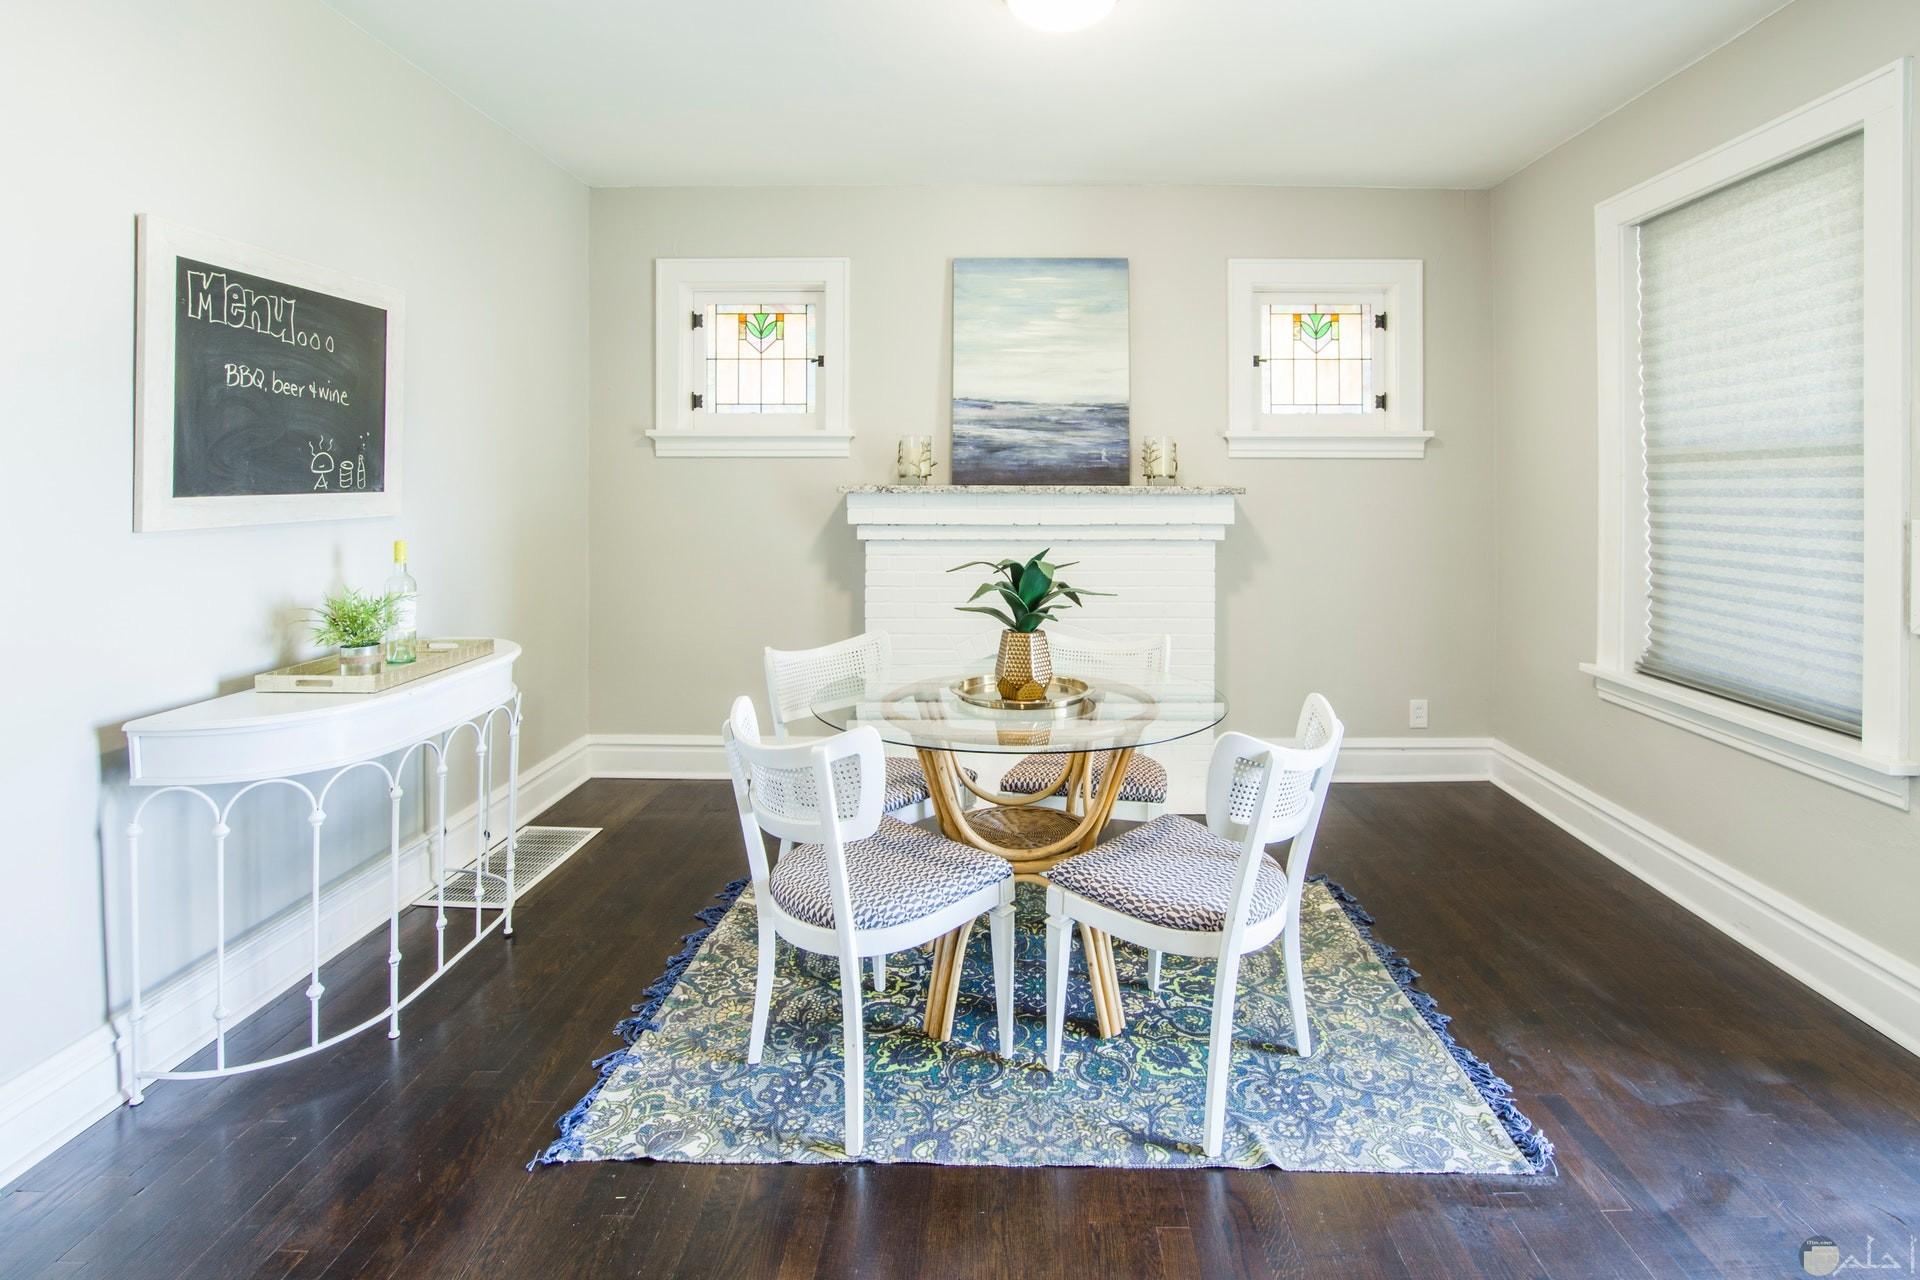 صورة جميلة لغرفة بها كراسي وطاولة صغيرة زجاجية مع لوحة جميلة وعدم وجود إزدحام بالغرفة